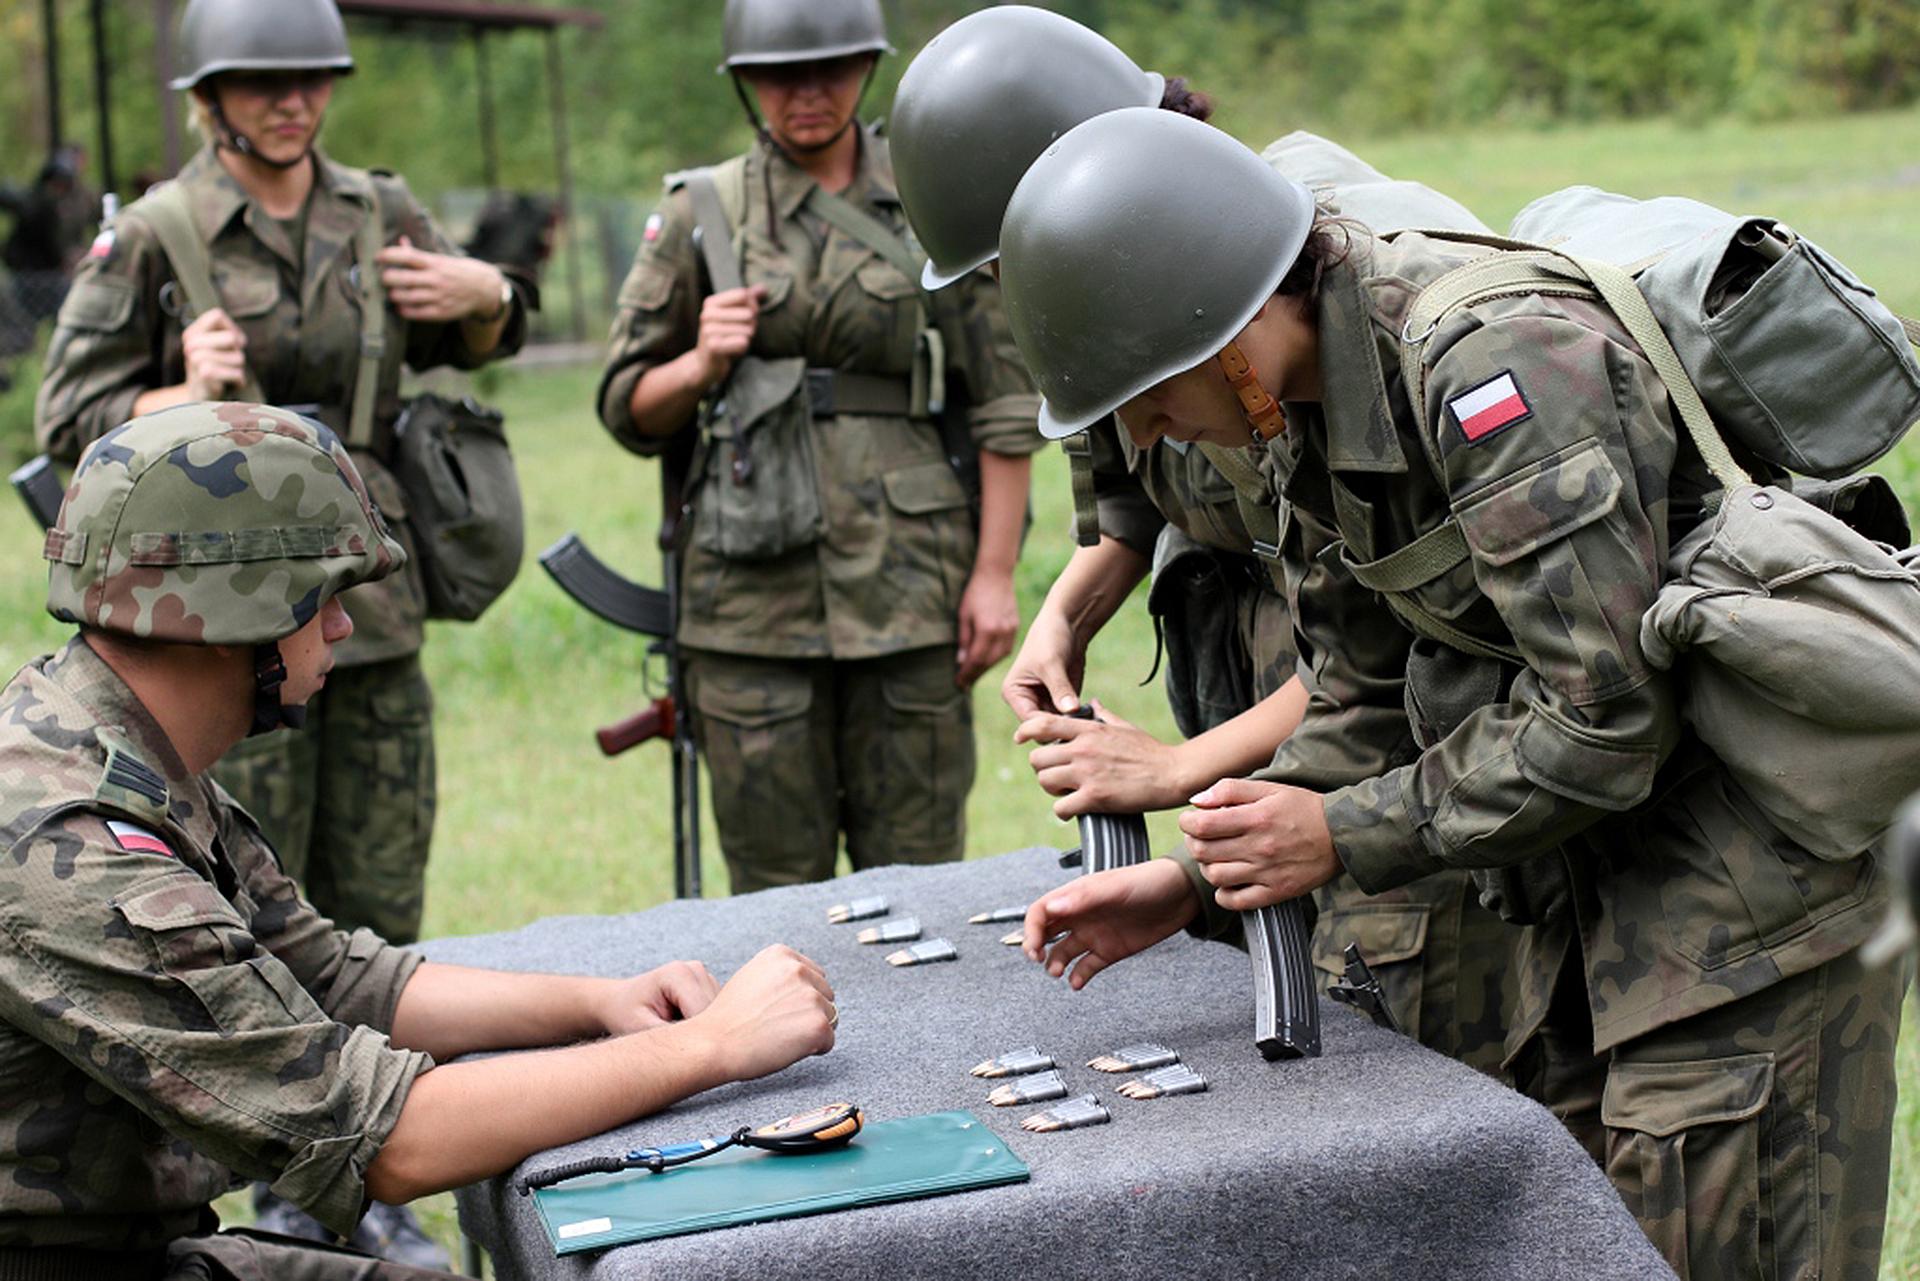 Kolorowe zdjęcie przedstawia grupę żołnierzy wtrakcie szkolenia. Na pierwszym planie mieści się stół nakryty materiałem. Po lewej stronie stołu siedzi żołnierz, zaś po prawej stronie stoją dwaj żołnierze. To kobiety. Kobiety składają karabin zelementów ułożonych na stole. Wgłębi zdjęcia 2 żołnierze przodem do obserwatora. Wszystkie osoby ubrane wmundury wodcieniach ciemnej zieleni. Na głowach kaski, na plecach plecaki. Wgłębi zdjęcia zielona polana ilas.